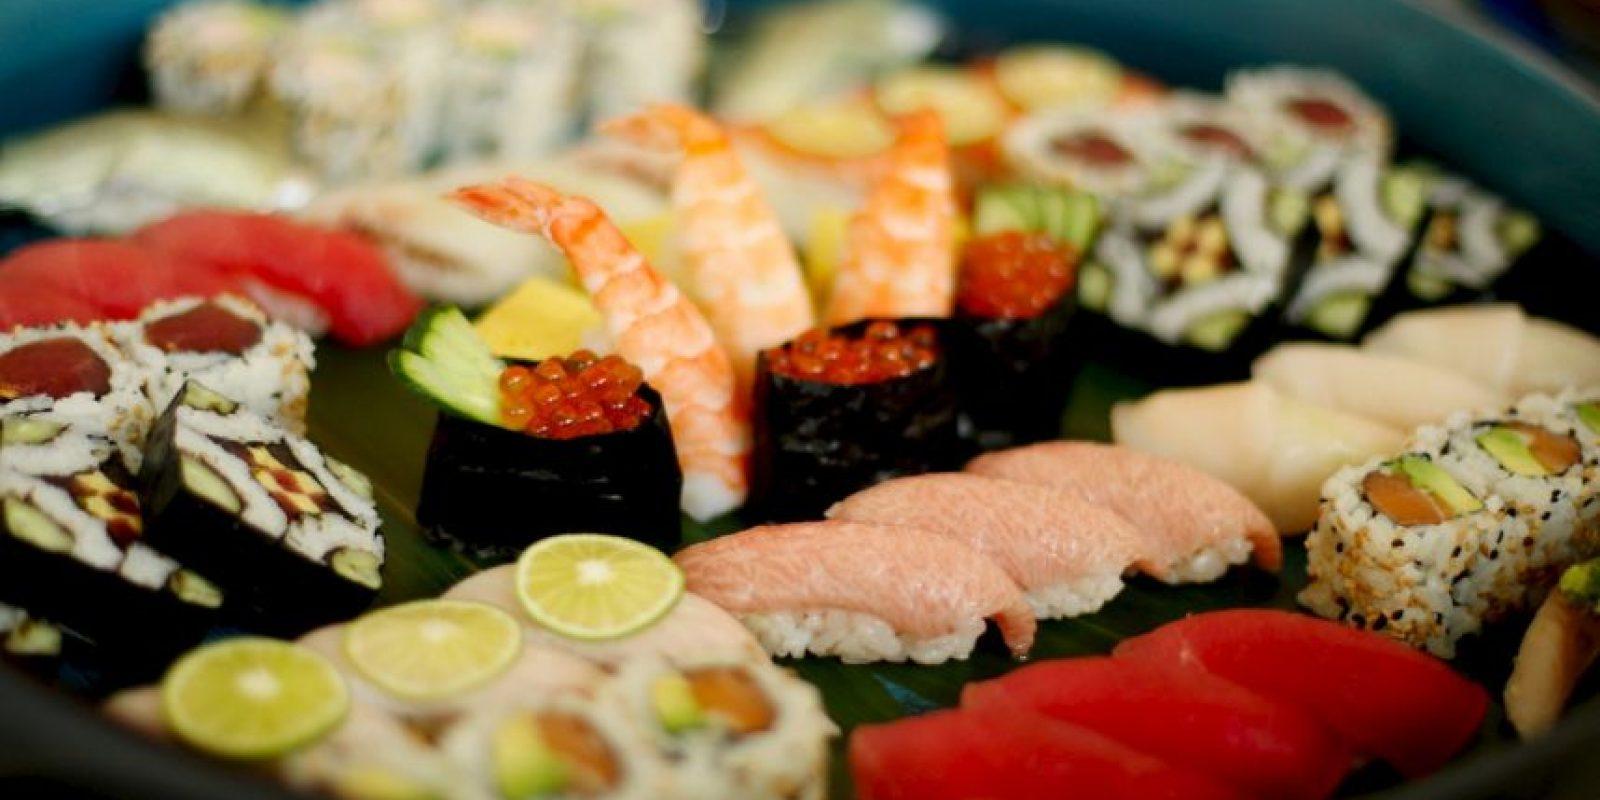 6. Las carnes crudas se deben separar de los otros alimentos. Foto:Getty Images